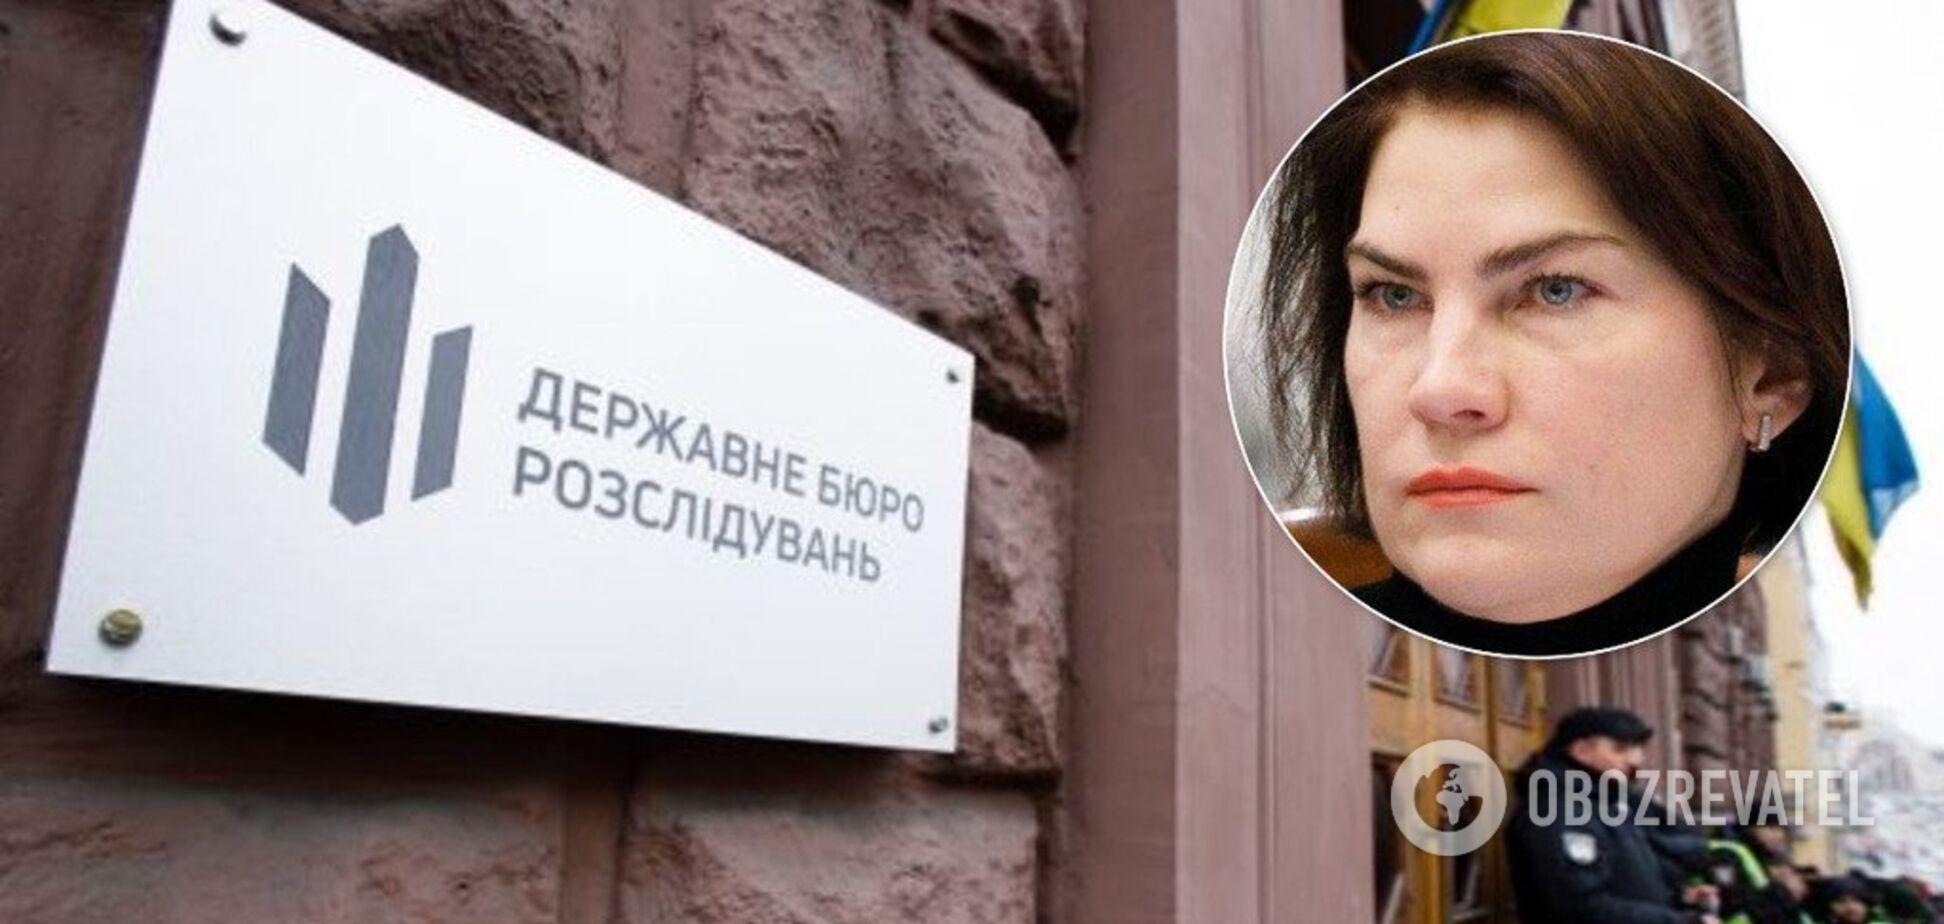 Скандал в ГБР: муж Венедиктовой вмешивается в дела бюро – СМИ